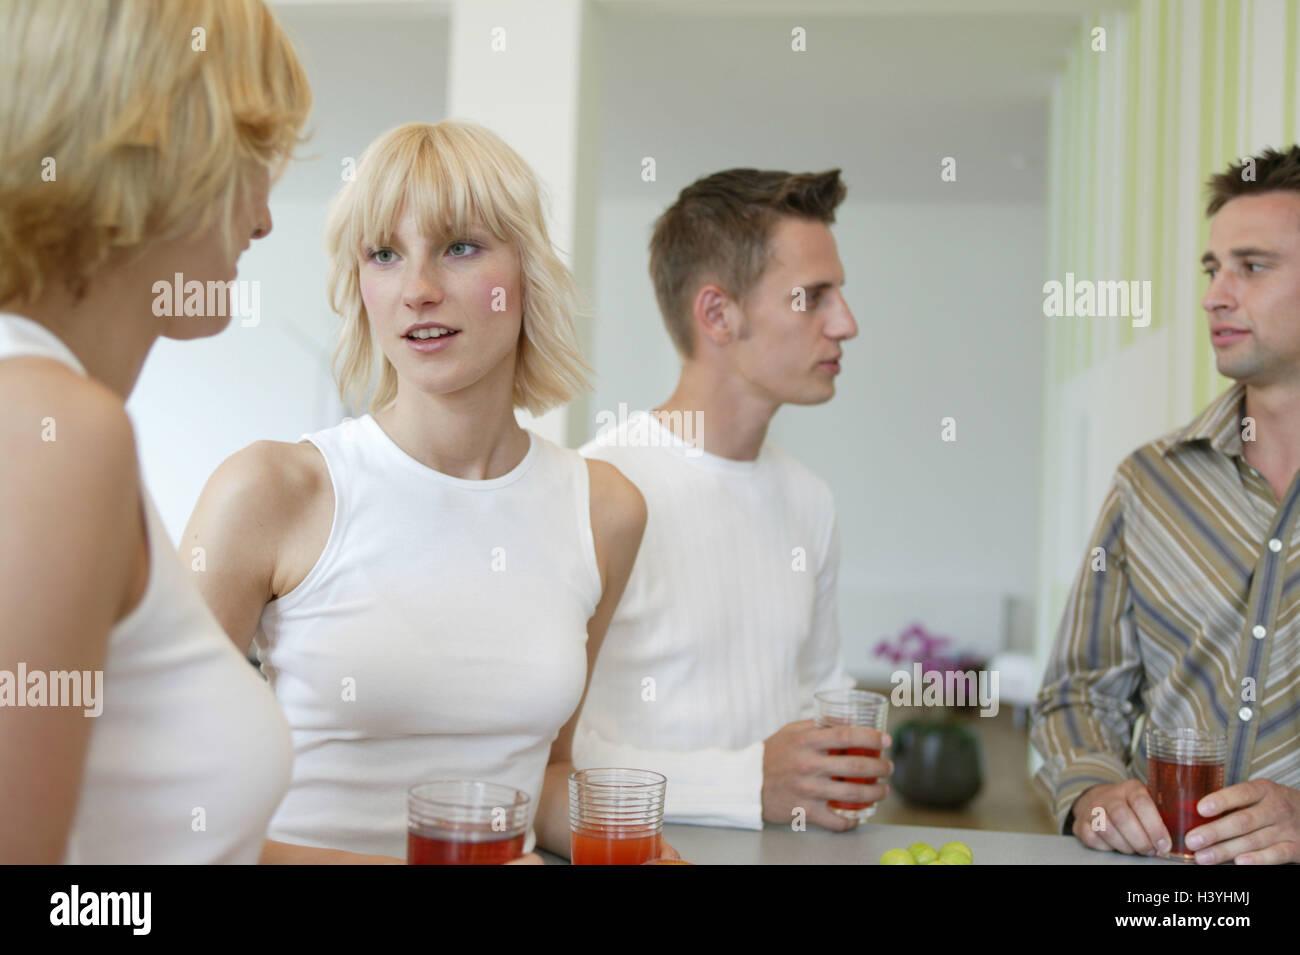 Gruppe, Freunde, Bars, Ständer, Getränke, Unterhaltung, Clique ...